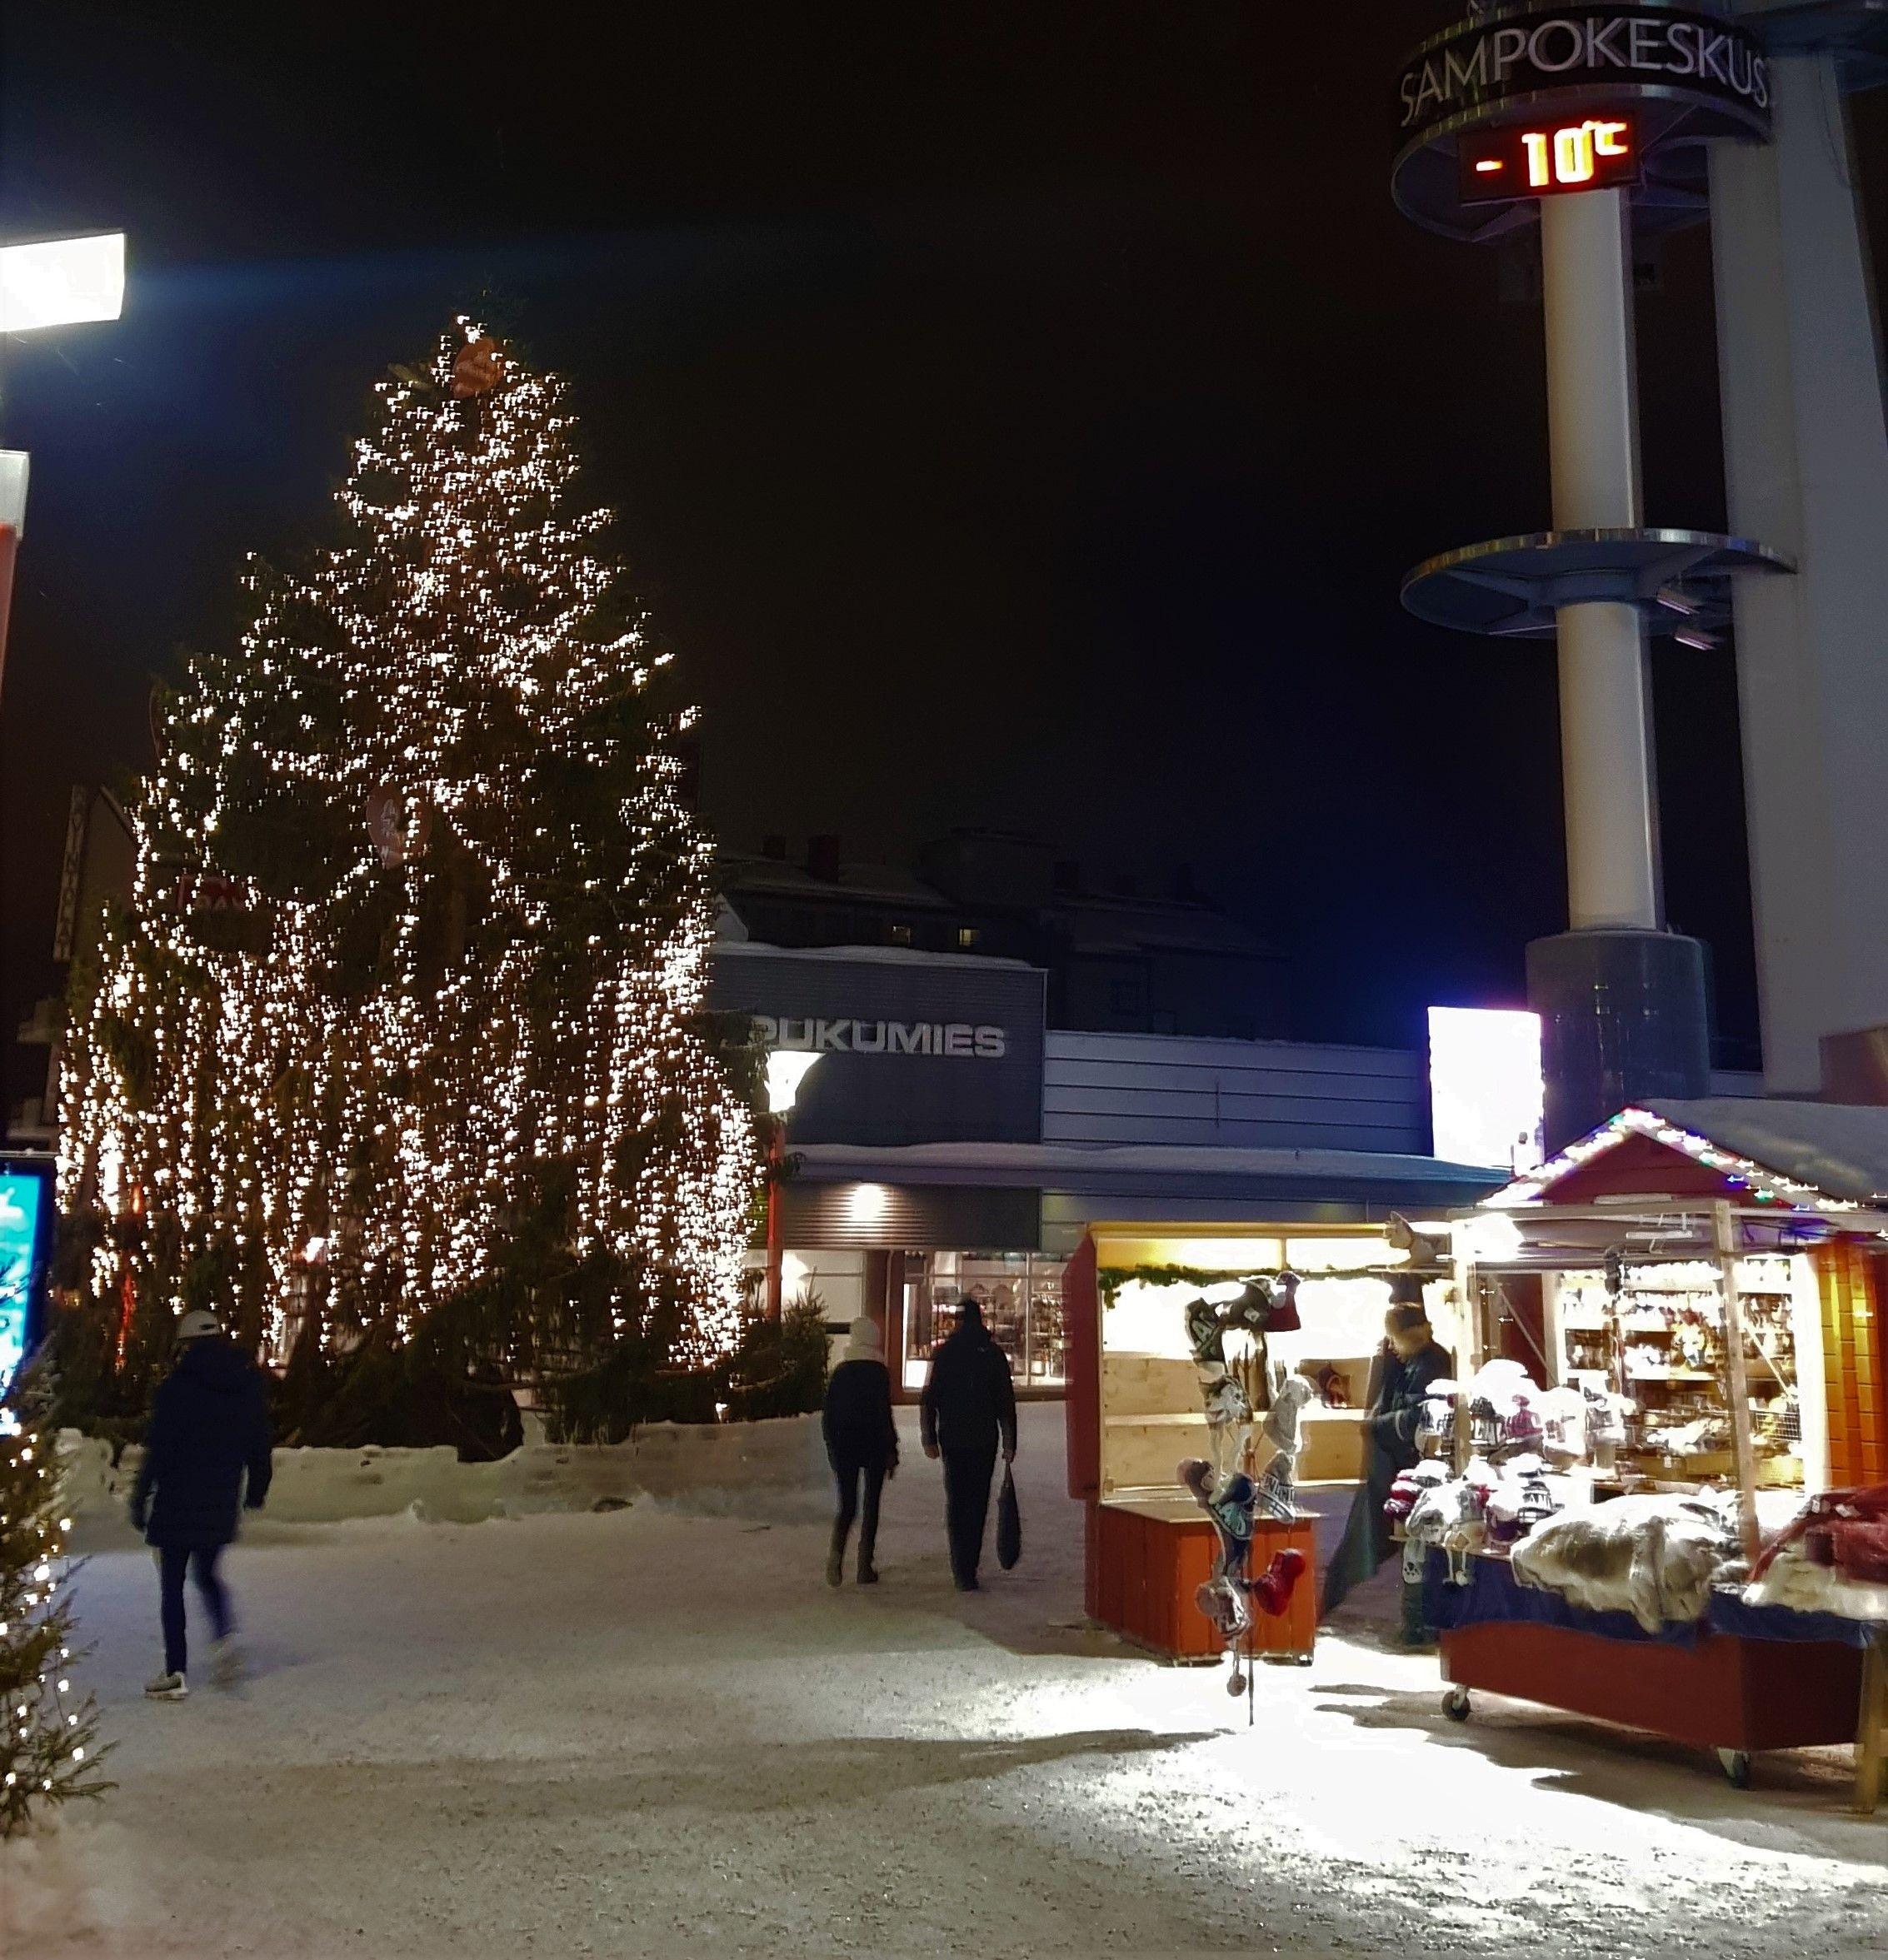 Arbol de navidad en la Plaza Lordi nevada en el centro de Rovaniemi.